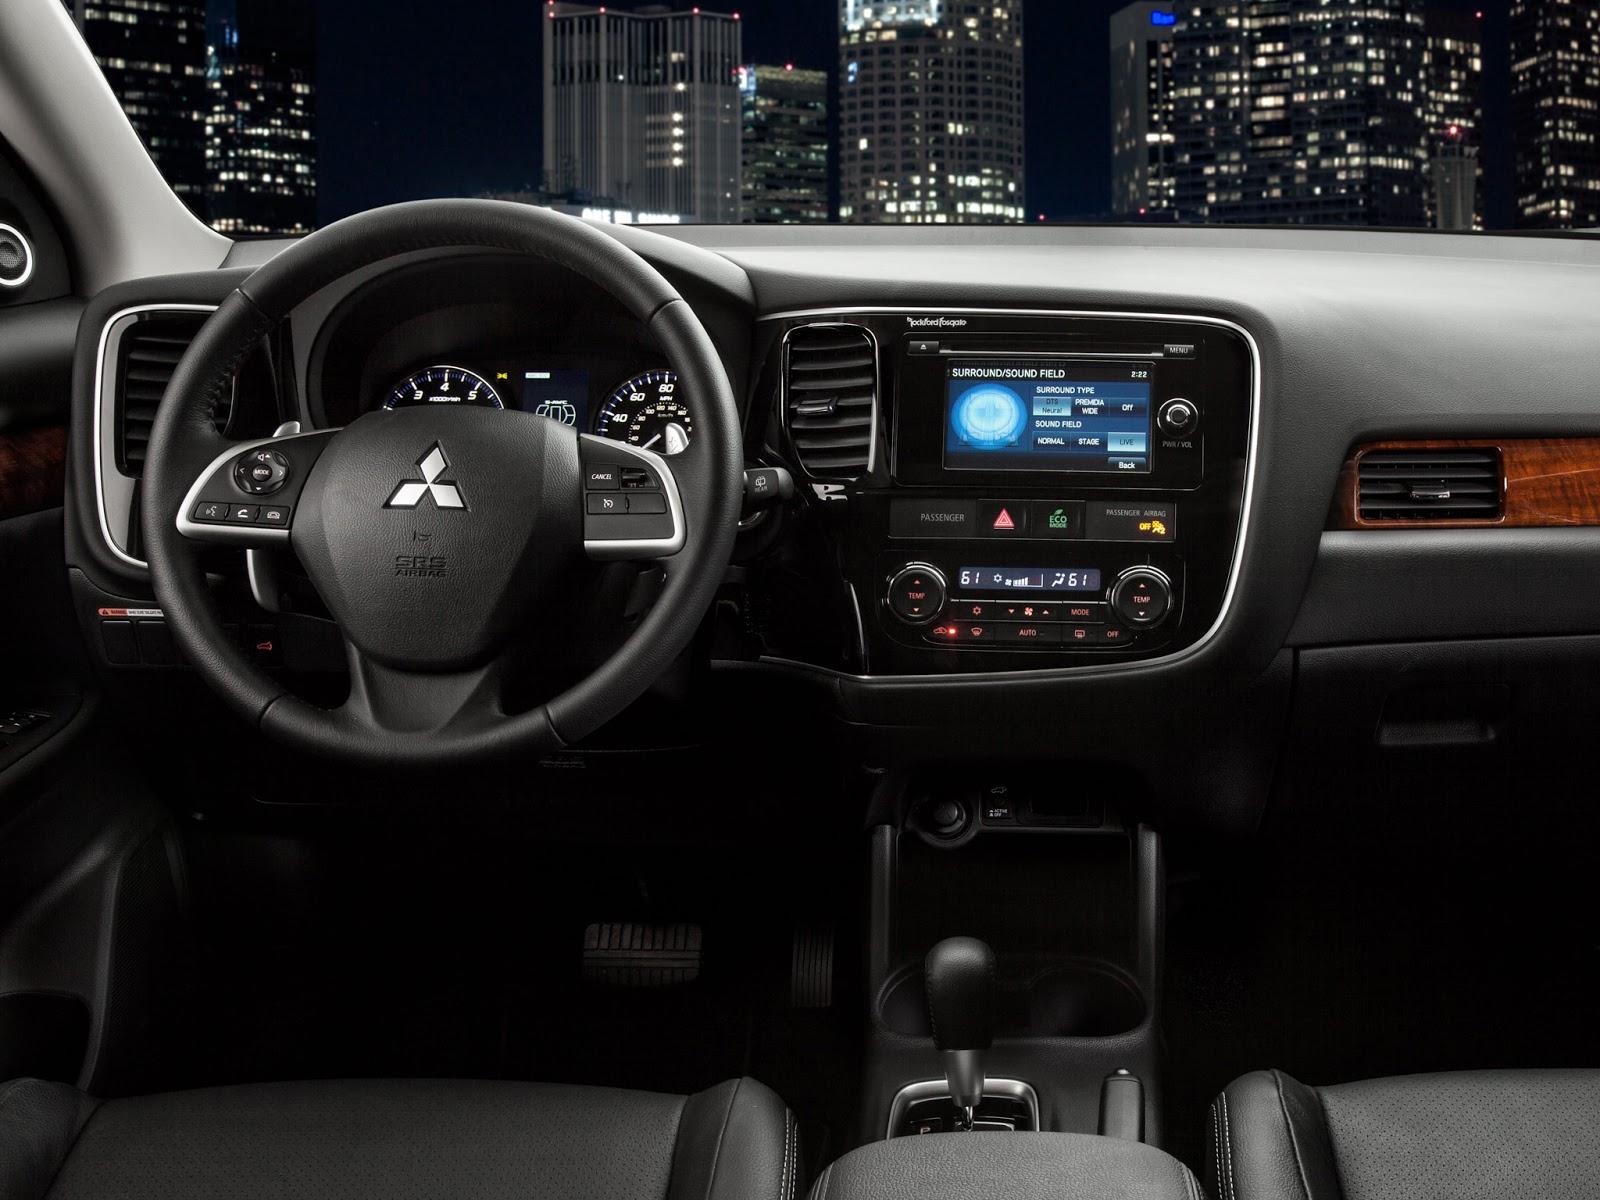 novo Mitsubishi Outlander 2014 interior